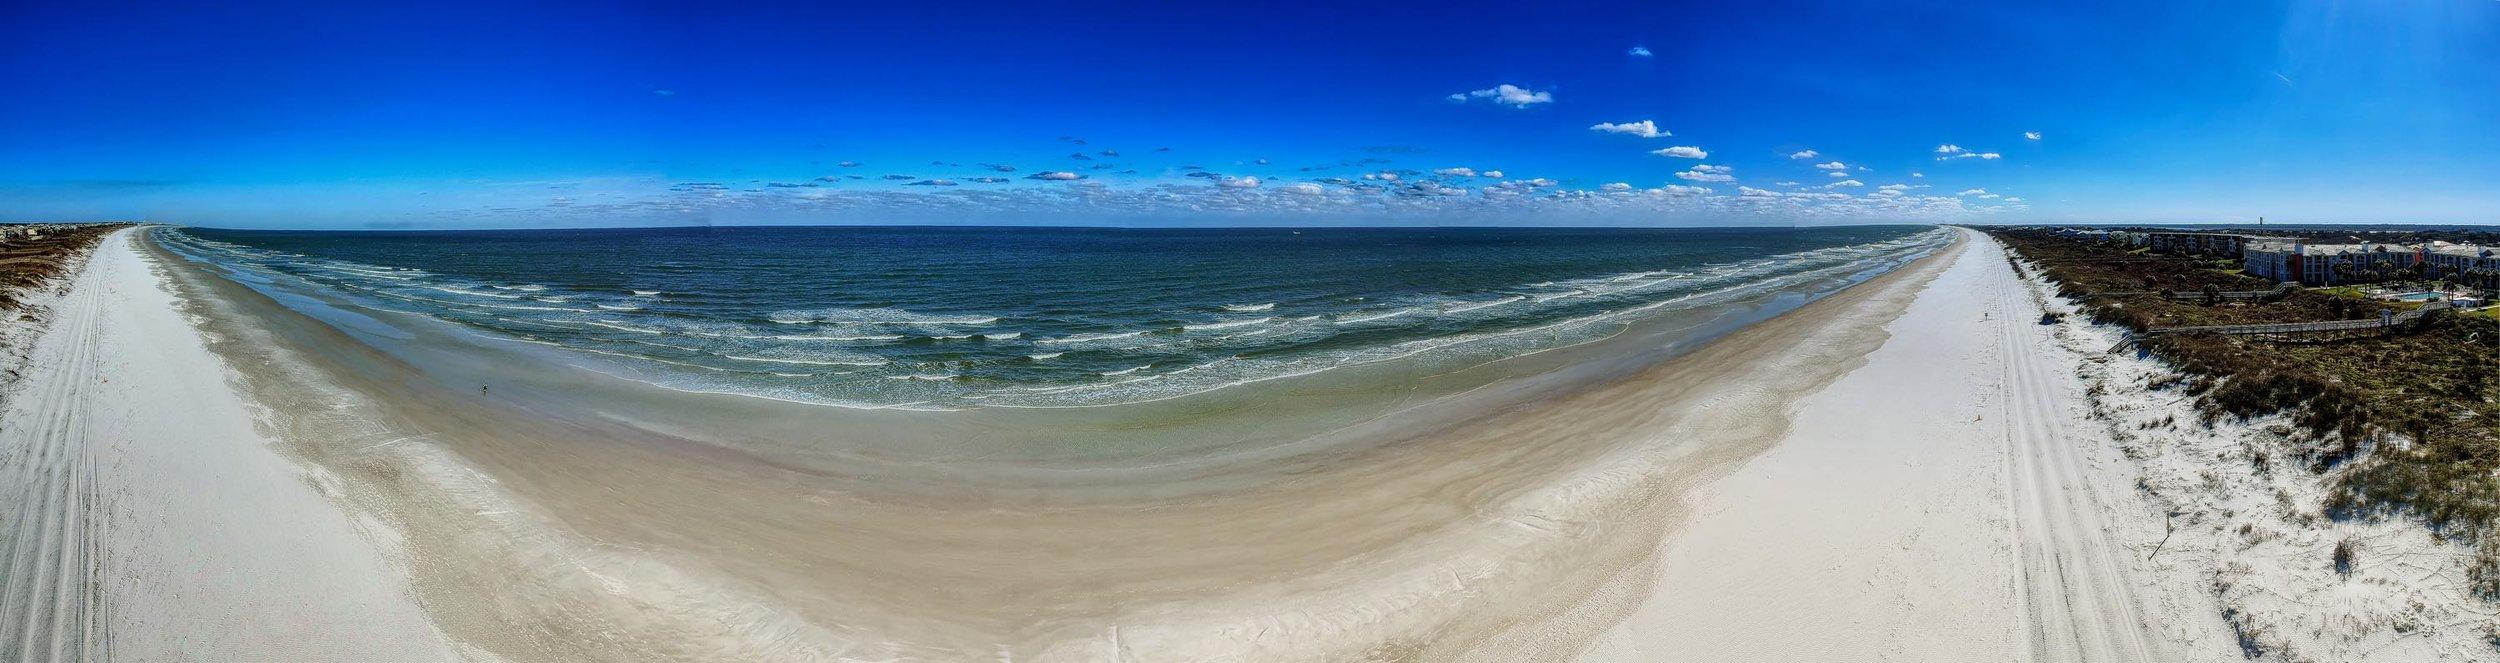 Anastasia Beach_Panorama1.jpg